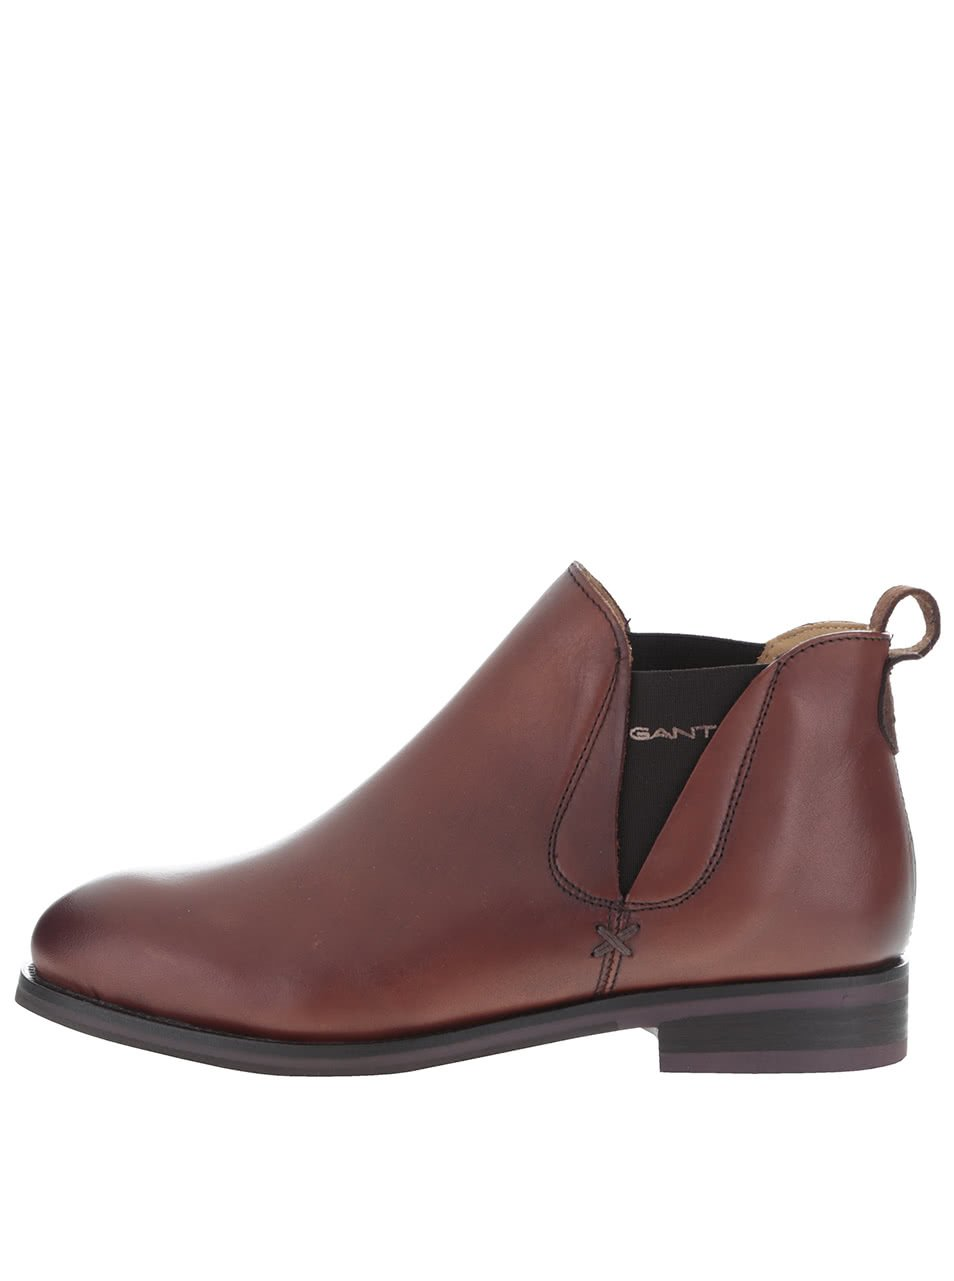 Hnědé dámské kožené kotníkové boty GANT Avery